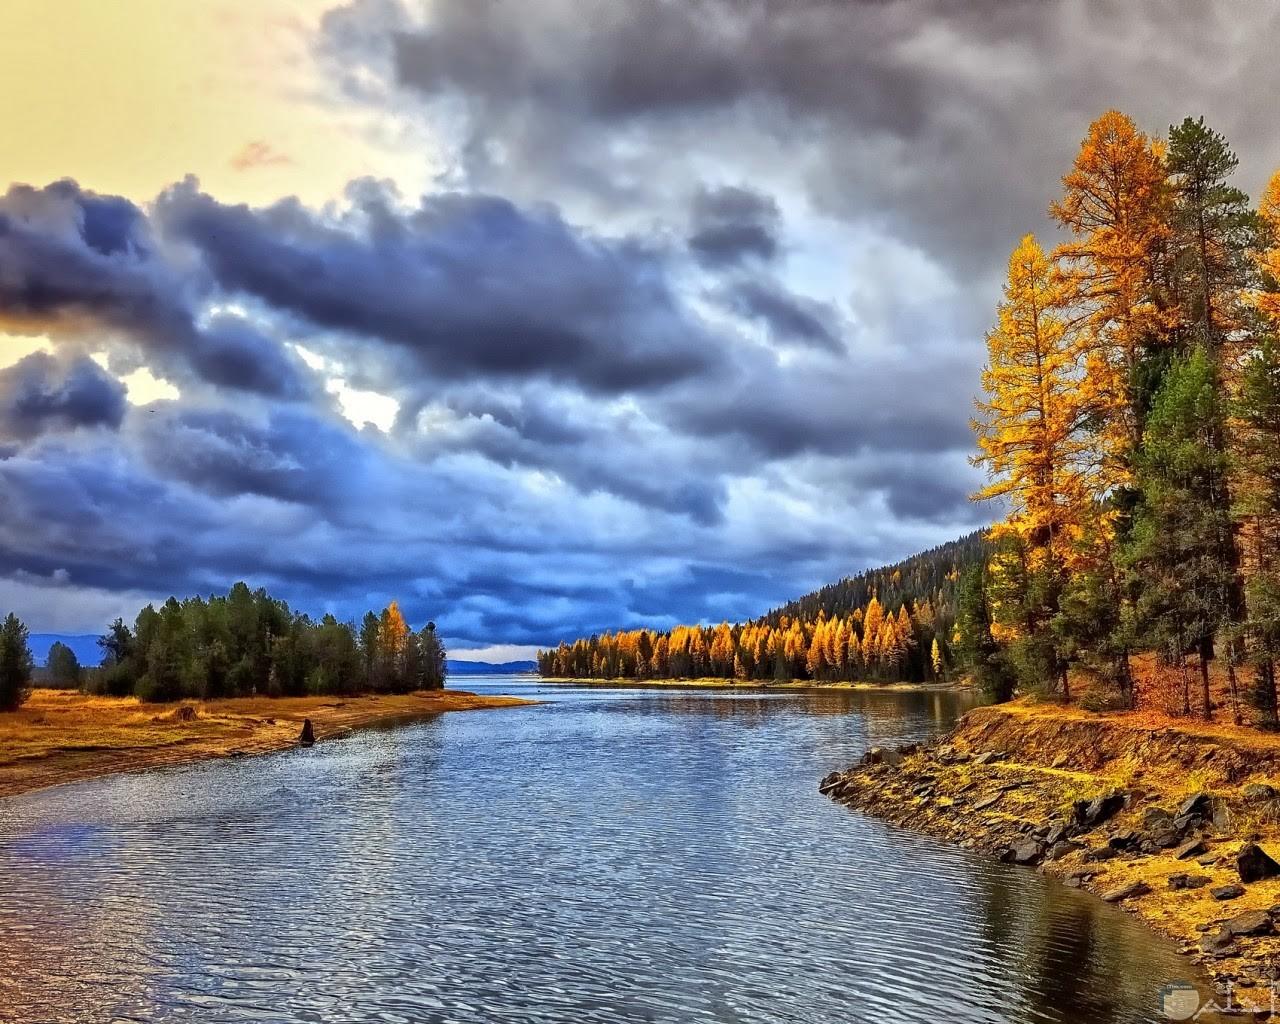 نهر جميل وسط جمال الطبيعة